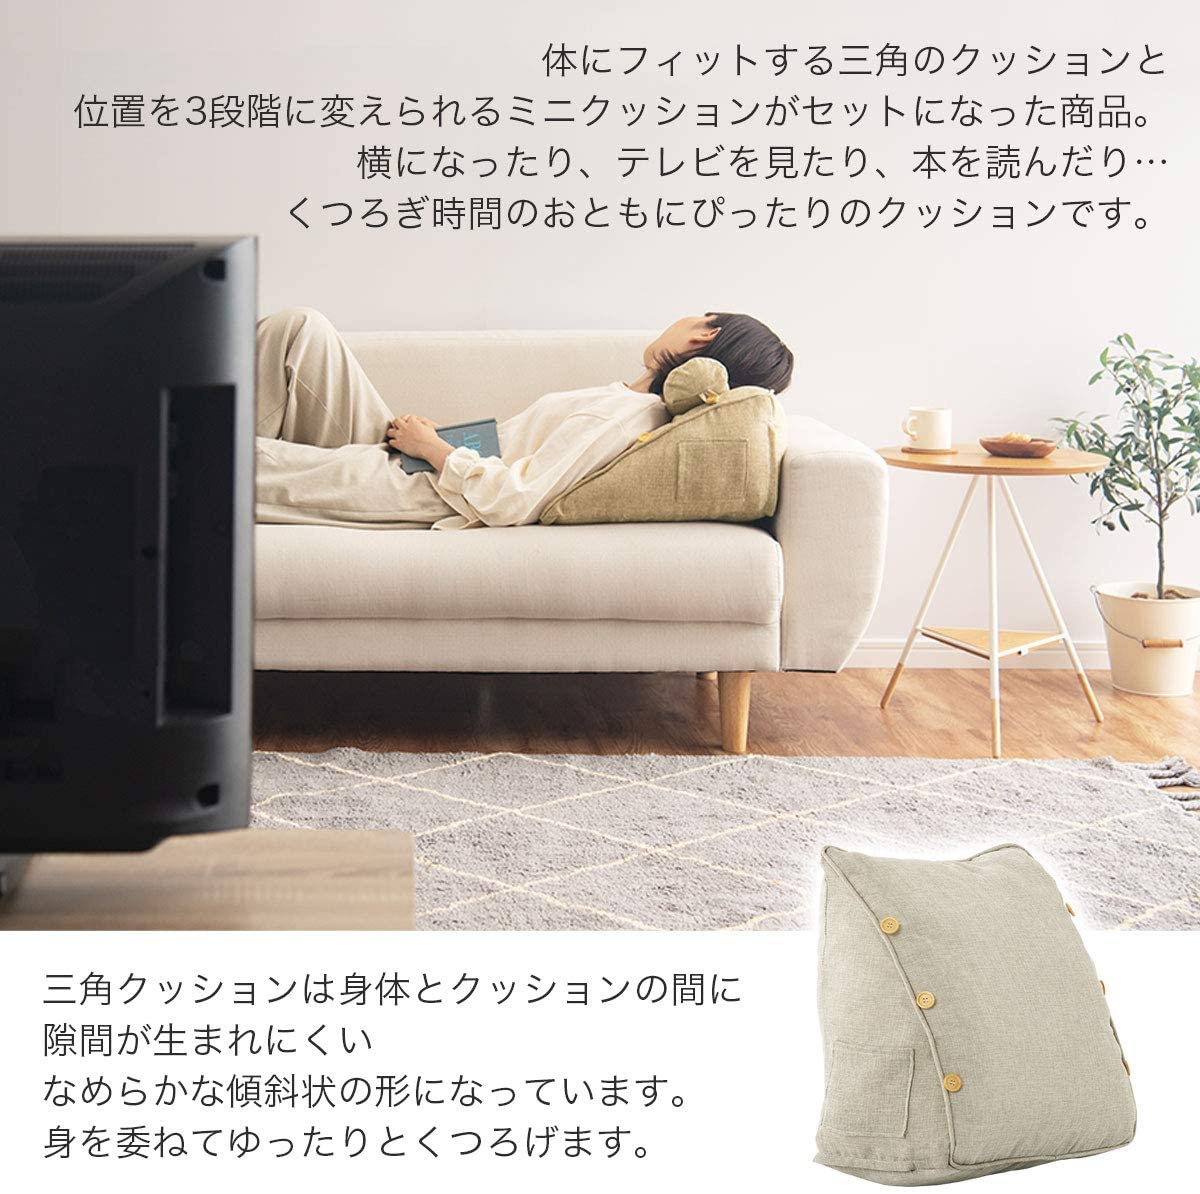 ぼん家具 三角クッションの商品画像3